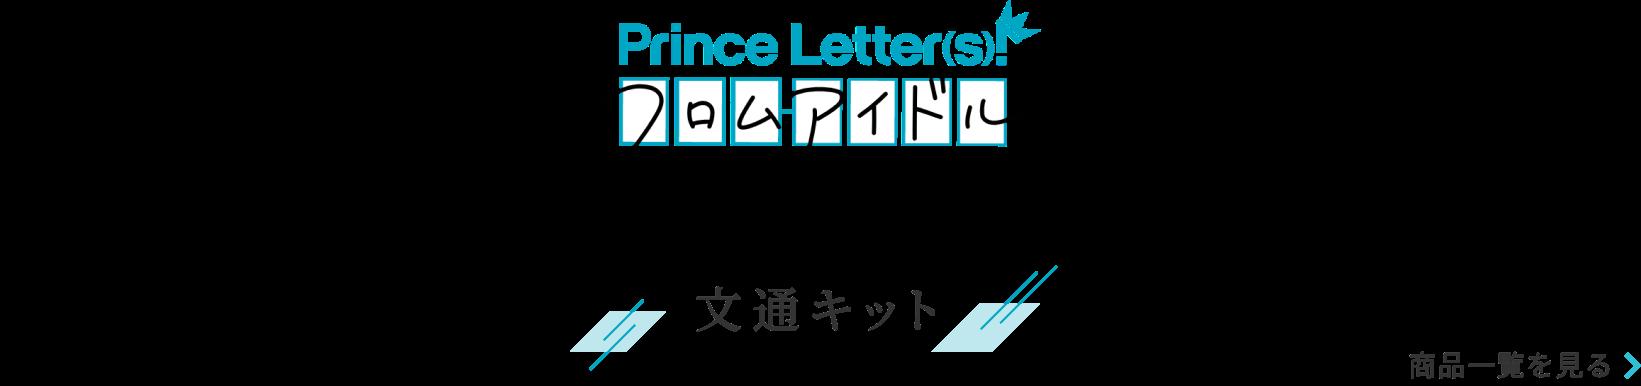 プリンスレターズ・フロムアイドル 文通キット